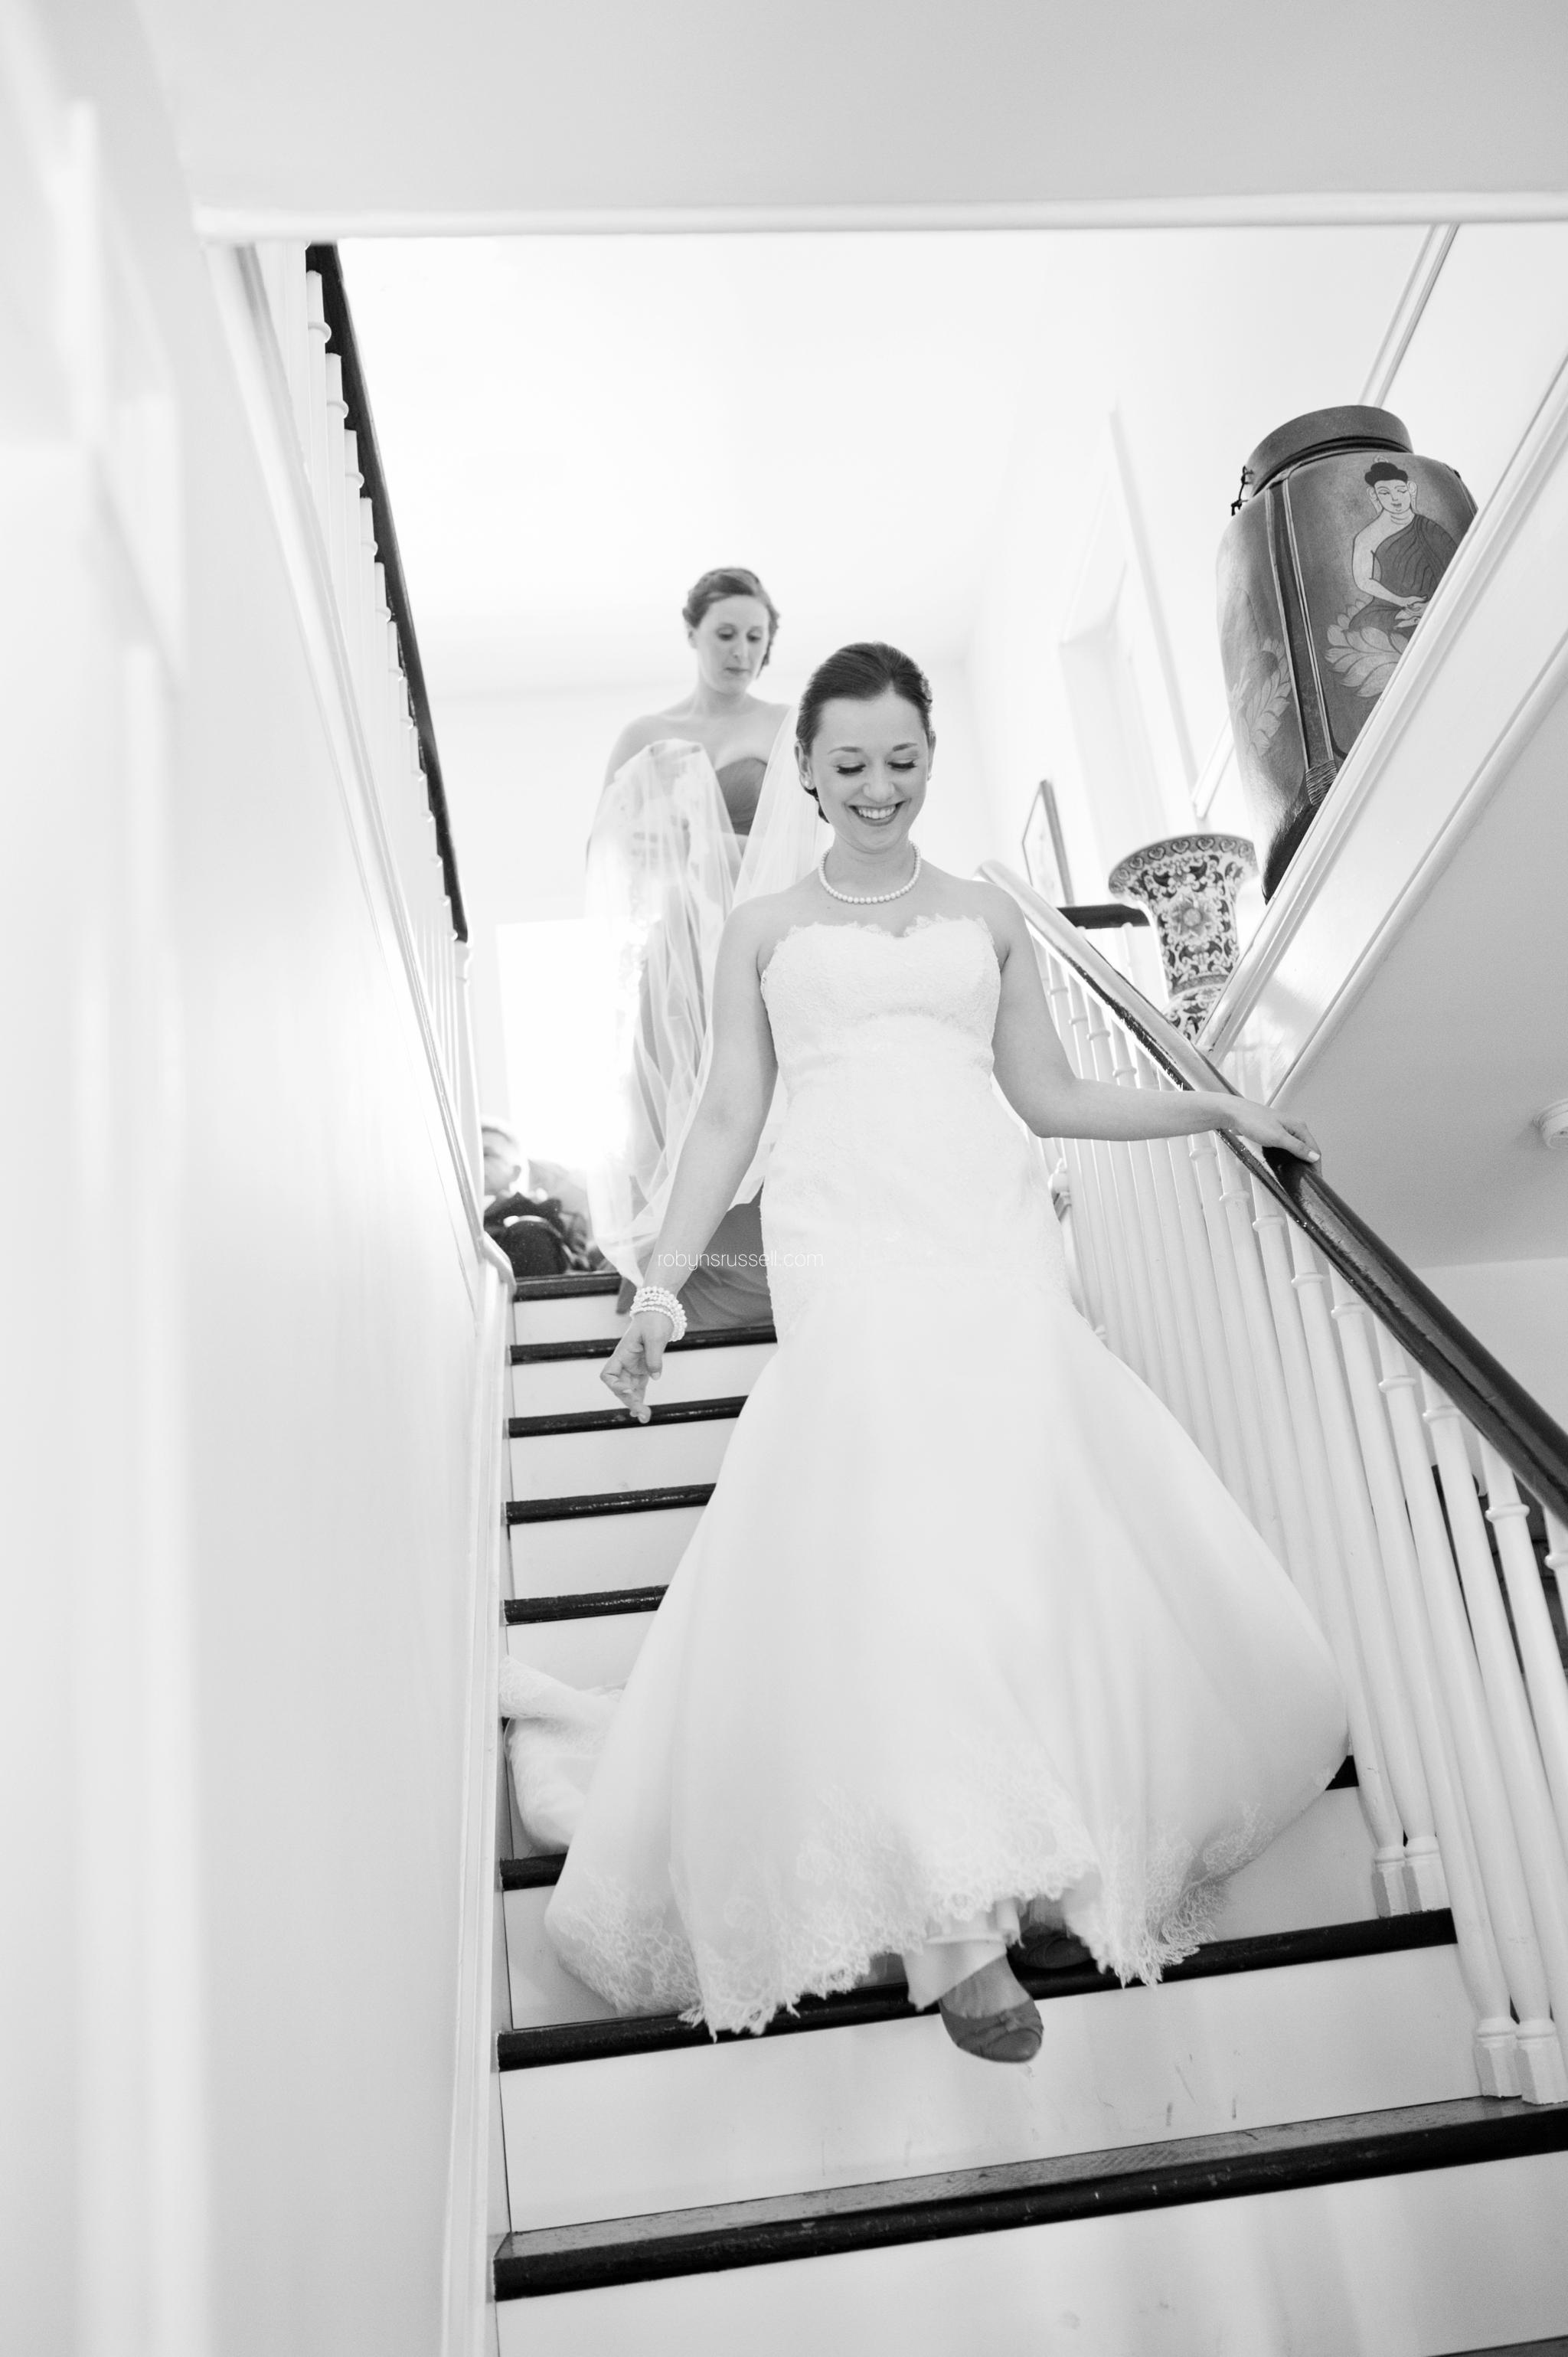 10-bride-walking-down-stairs.jpg